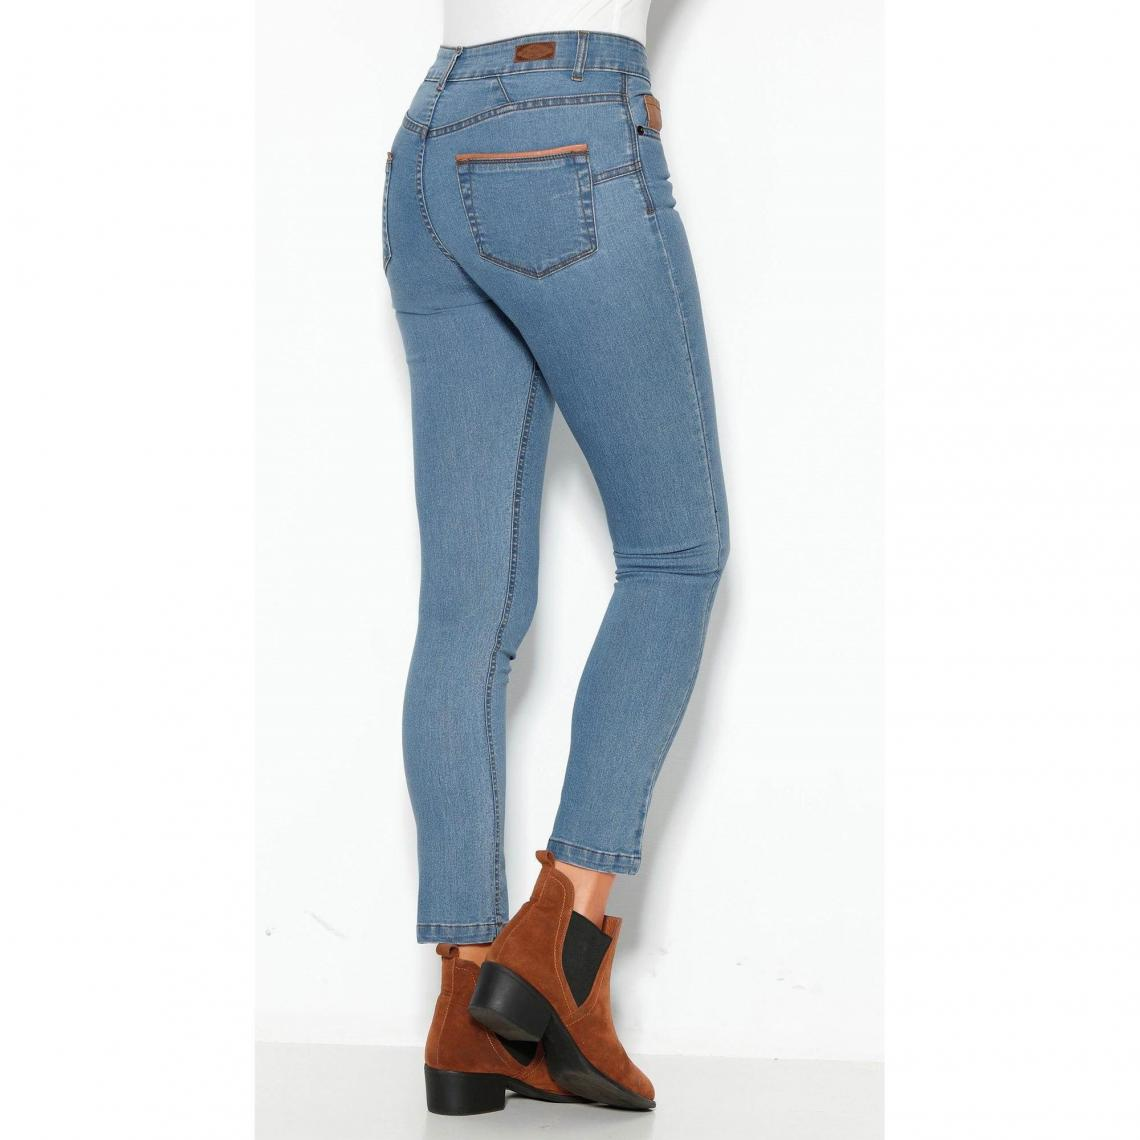 4bc99fd09106 Jean skinny 5 poches taille haute femme - Bleu Ciel 3 SUISSES